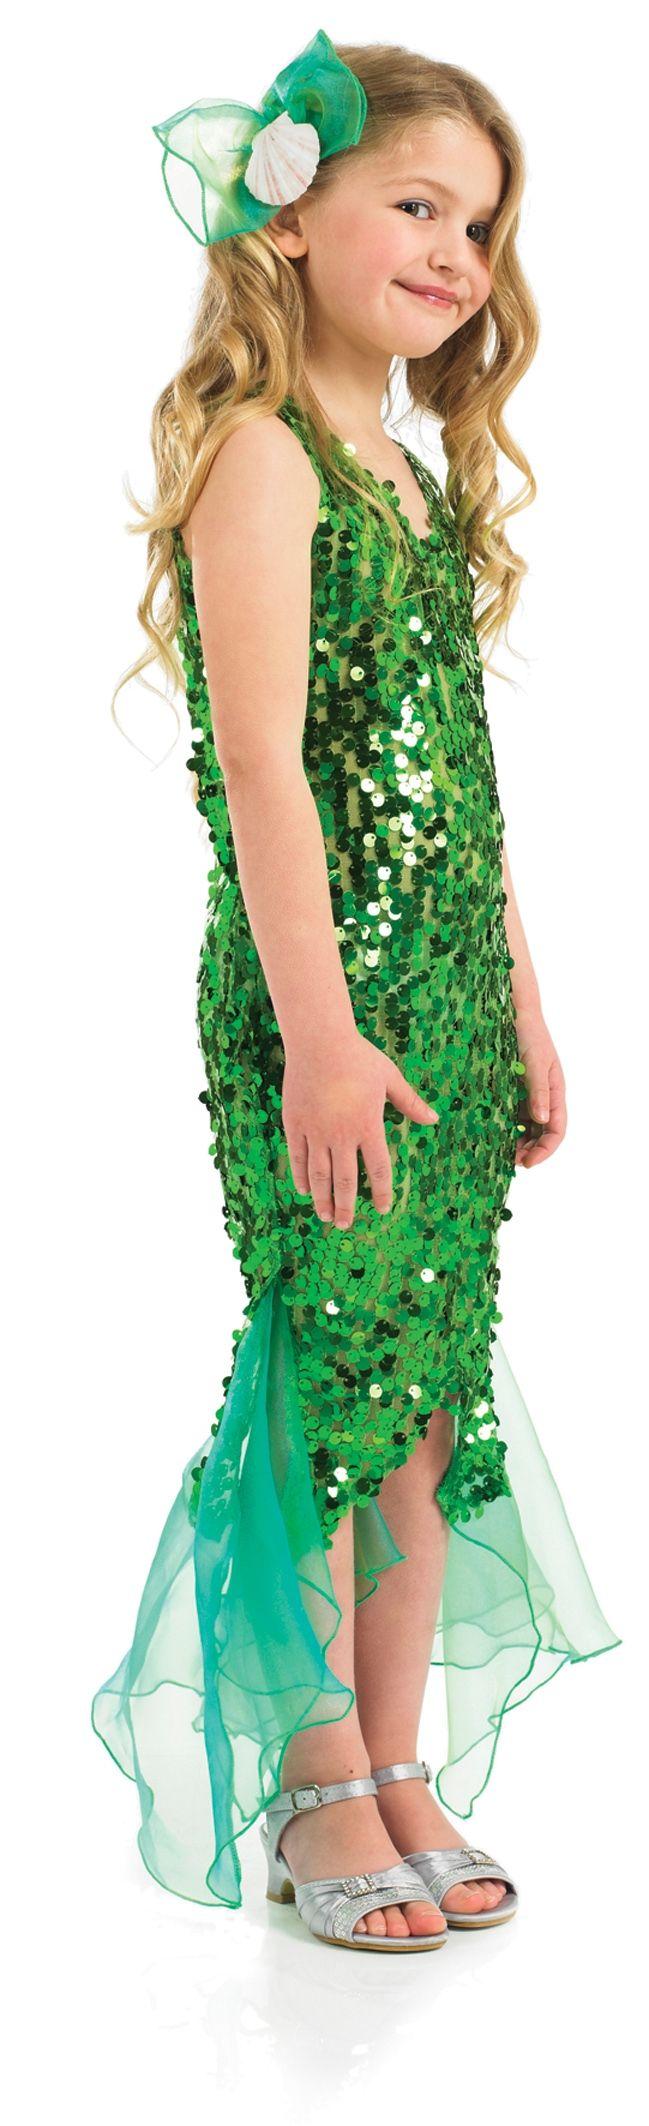 Little Mermaid Girls Fancy Dress Green Sequin Ariel Fairytale Kids Costume 4-12   eBay